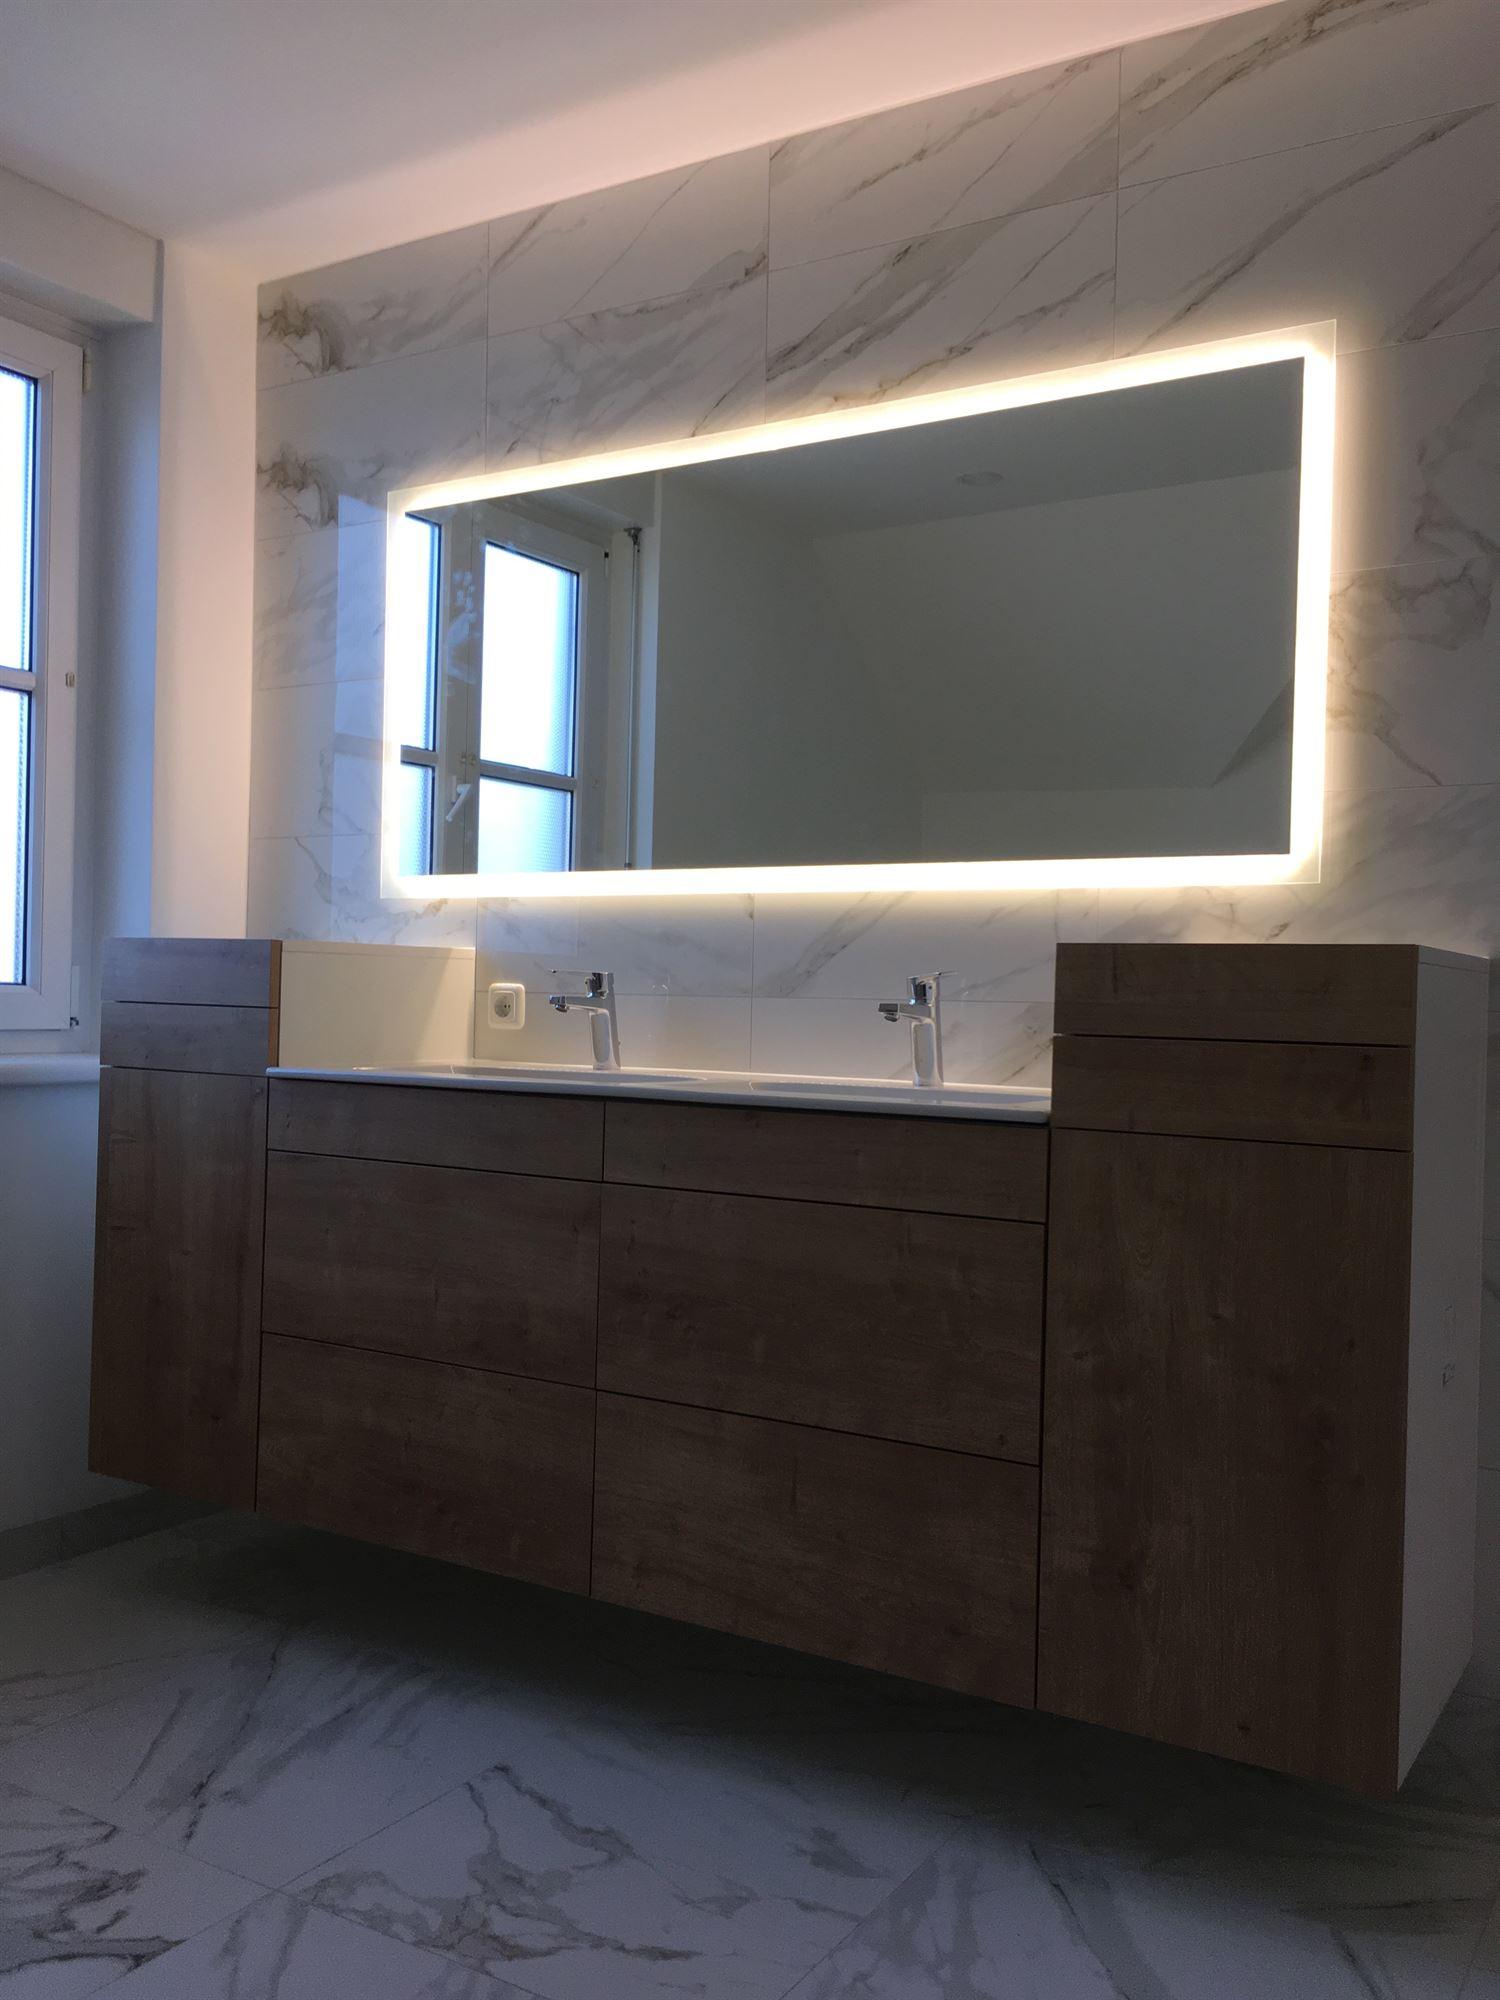 zusatzeinrichtung-im-saunabereich-007